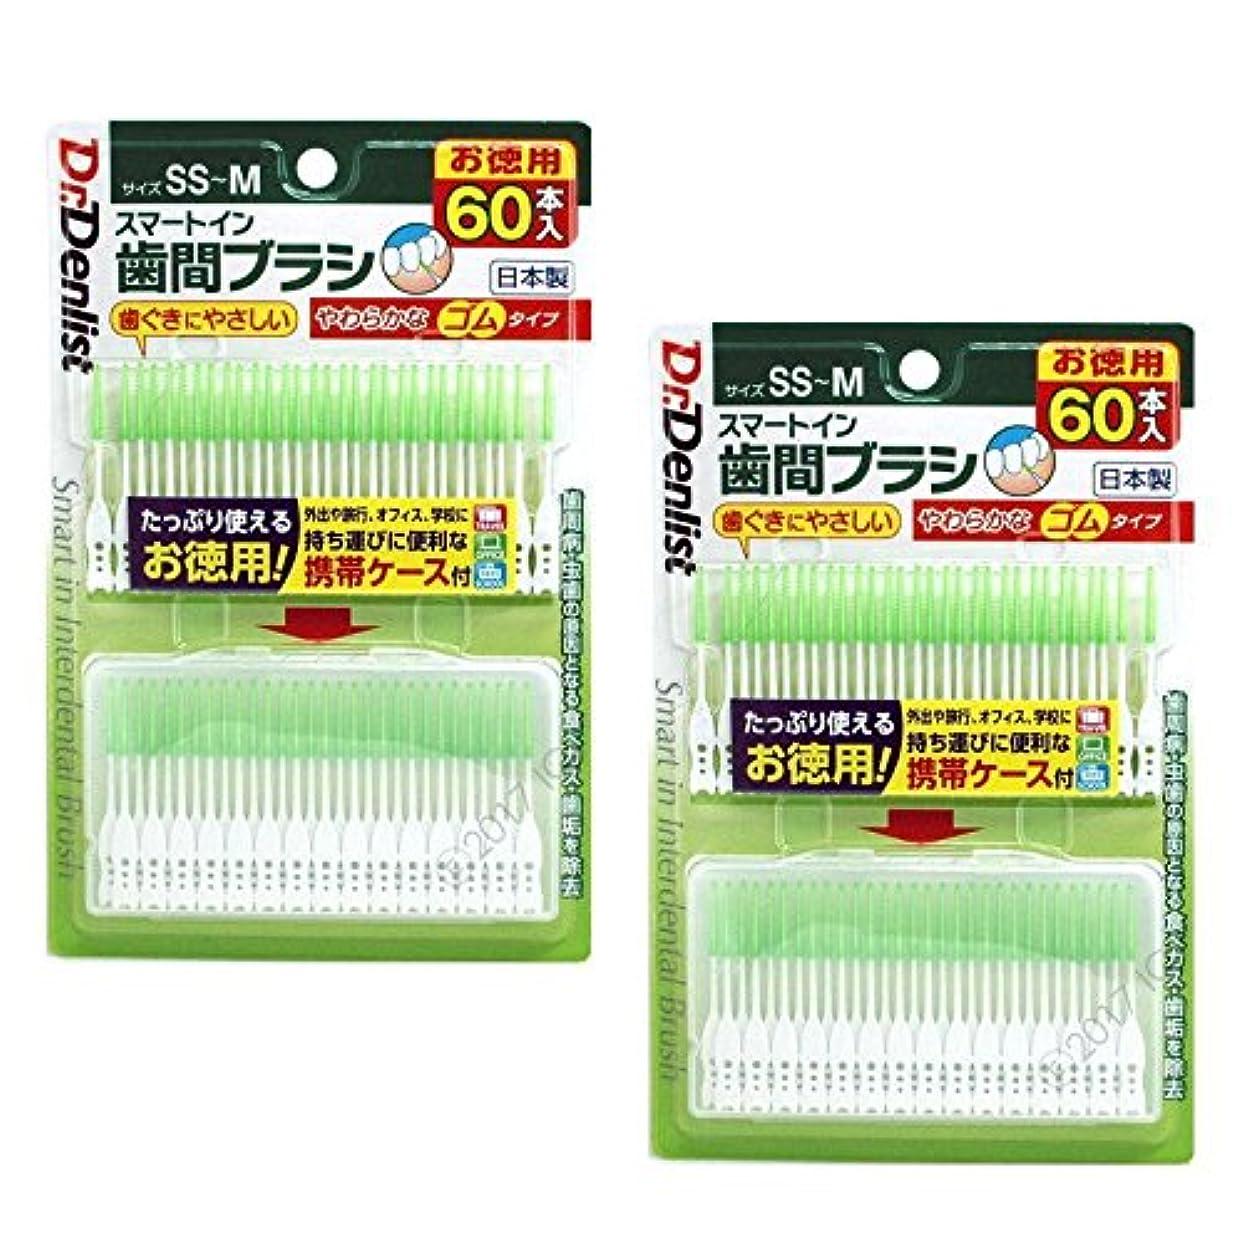 歯間ブラシ スマートイン 60本×2個(計120本) お徳用 やわらかなゴムタイプ